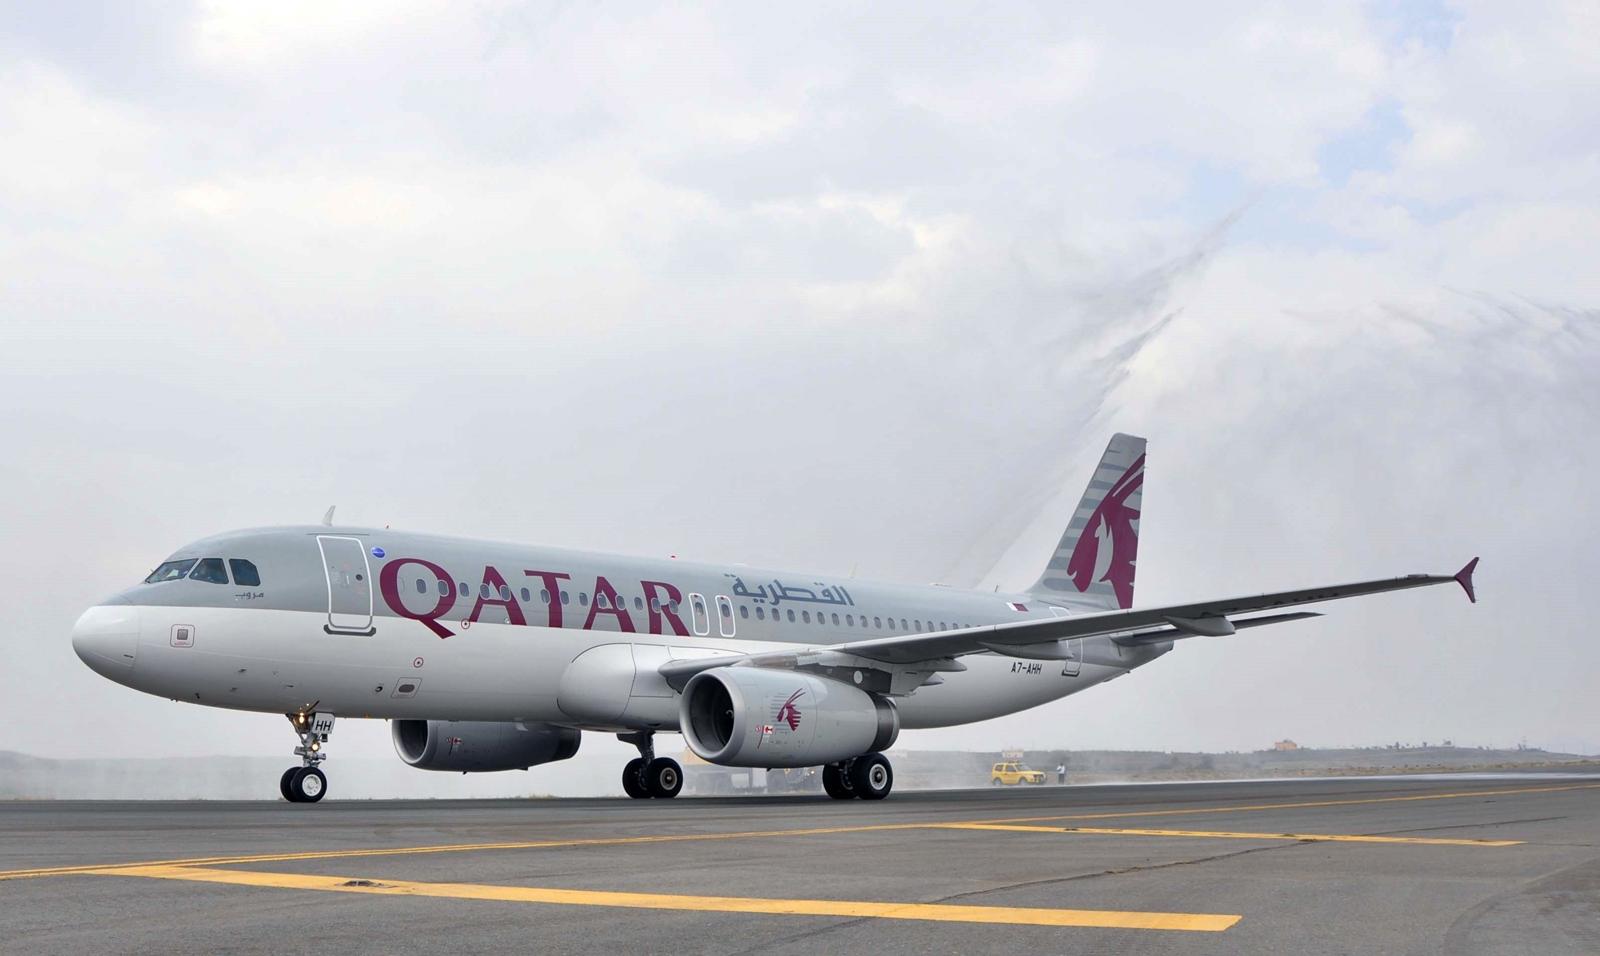 Vízsugaras köszöntés közben a nyitójáratot teljesítő gép, szeptember 2-án. (Fotó: Qatar Airways) | © AIRportal.hu